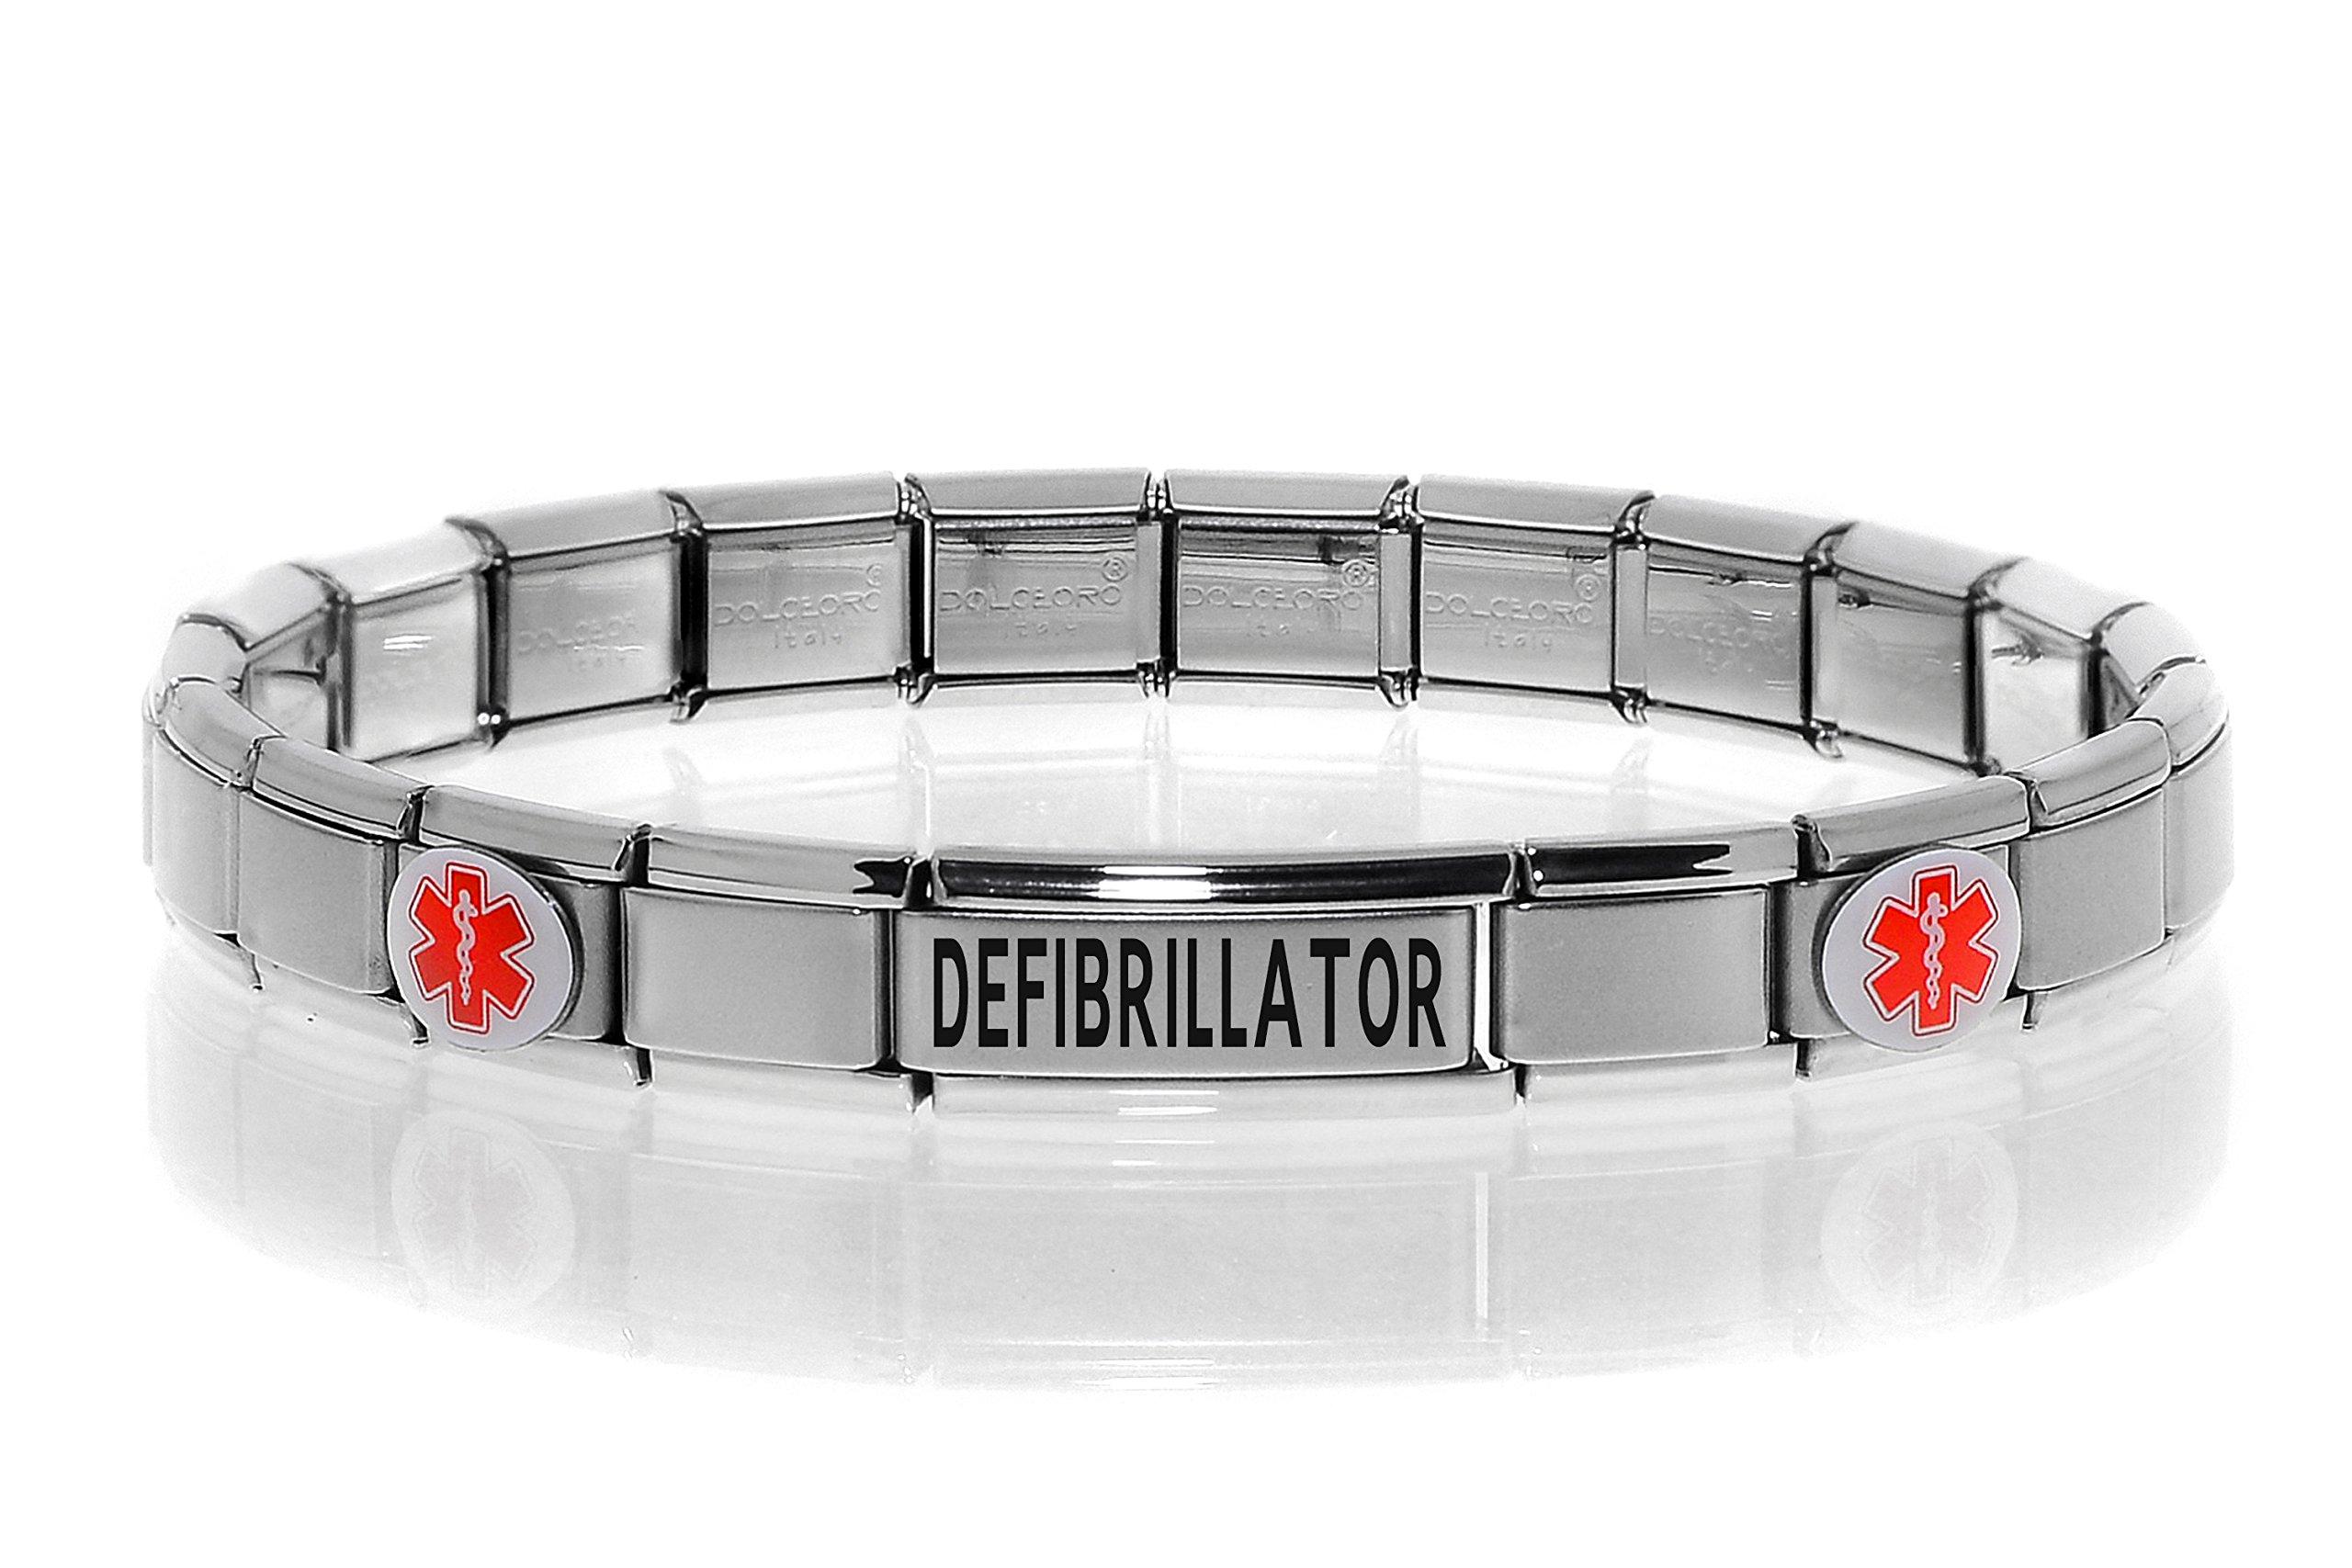 Dolceoro DEFIBRILLATOR Medical Alert ID Bracelet - Italian Style Modular Link Bracelet